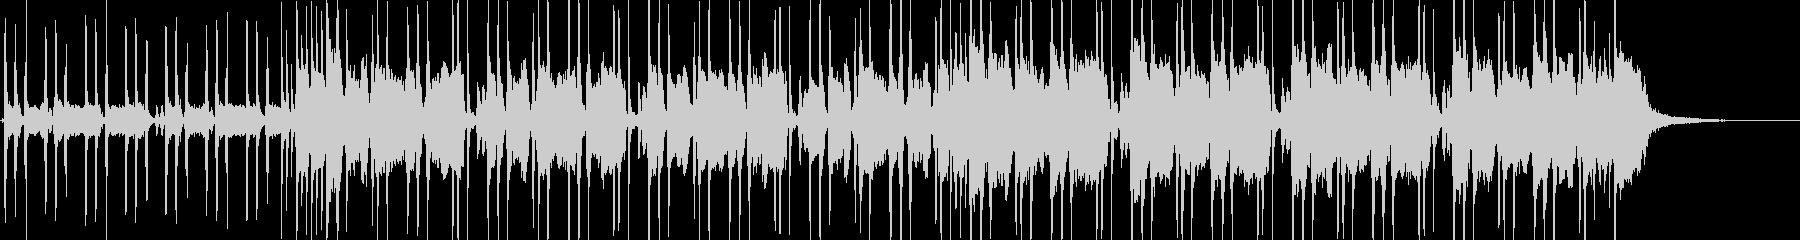 ロックギター、リフが繰り返されるBGMの未再生の波形